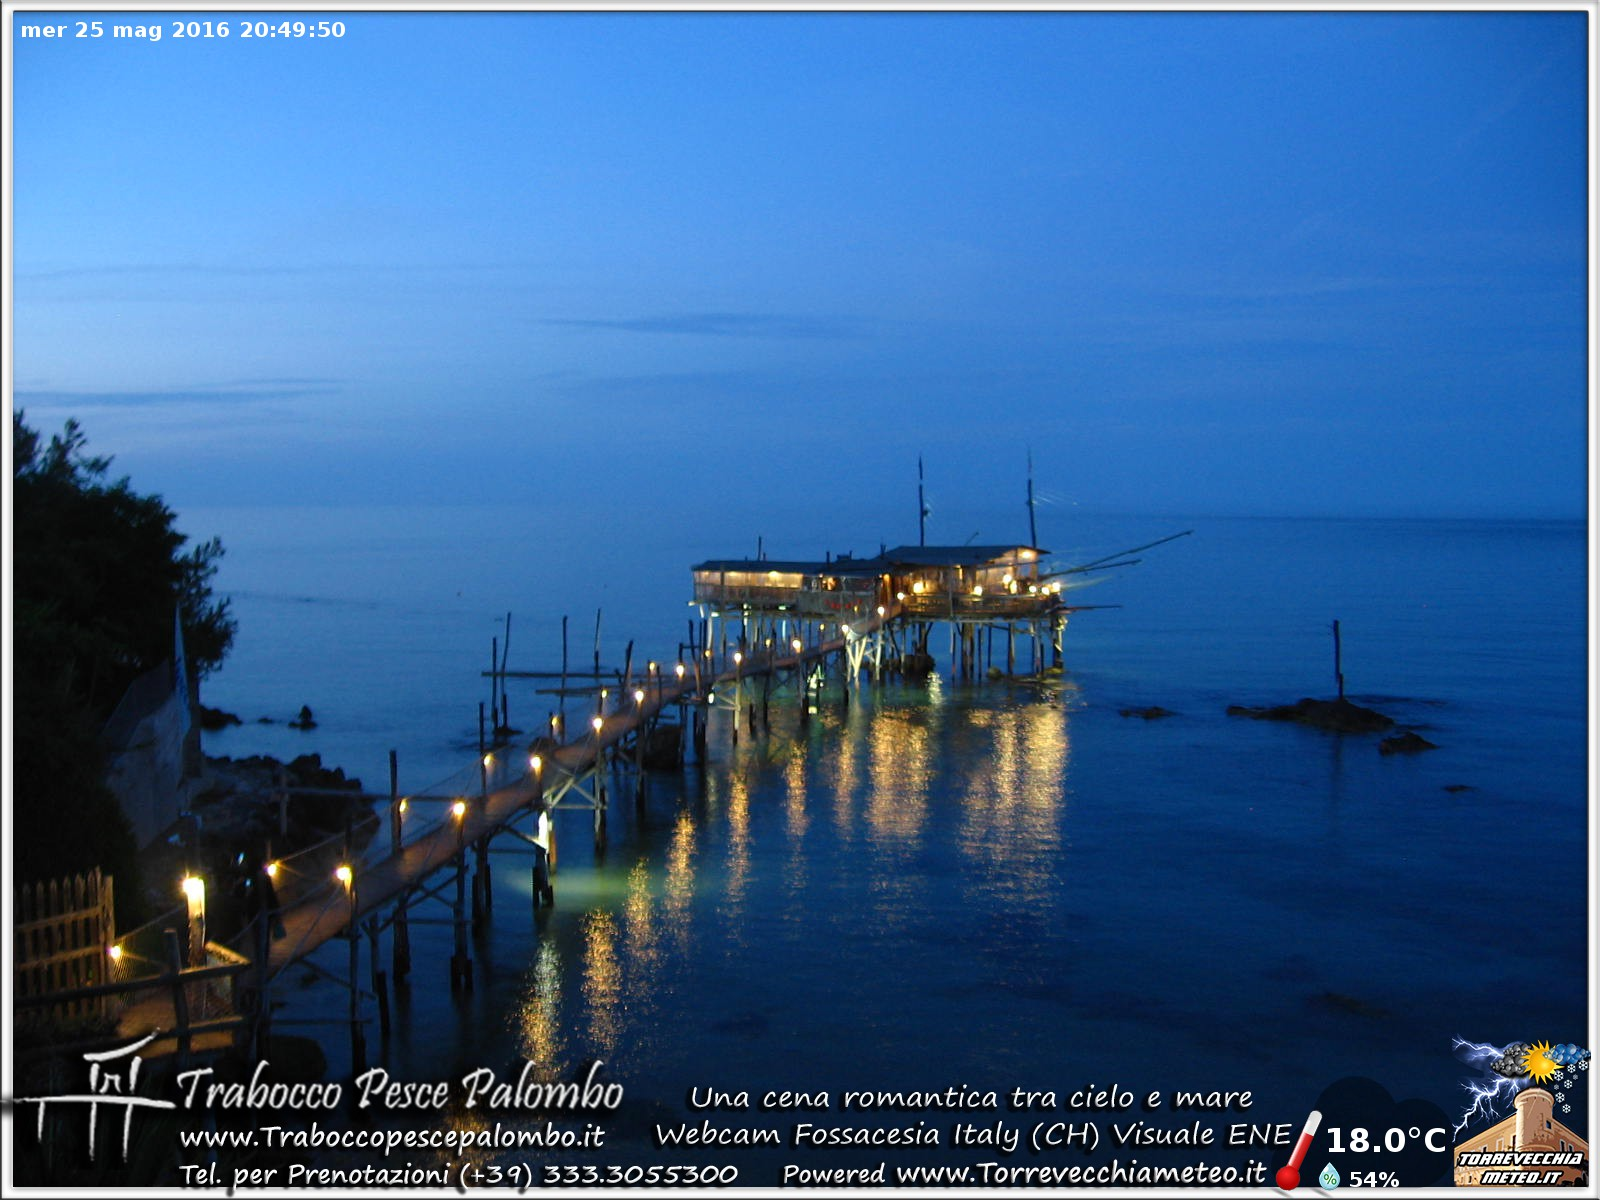 Nuova Webcam sul Trabocco Fossacesia - Costa dei Trabocchi --ore_20.50.jpg